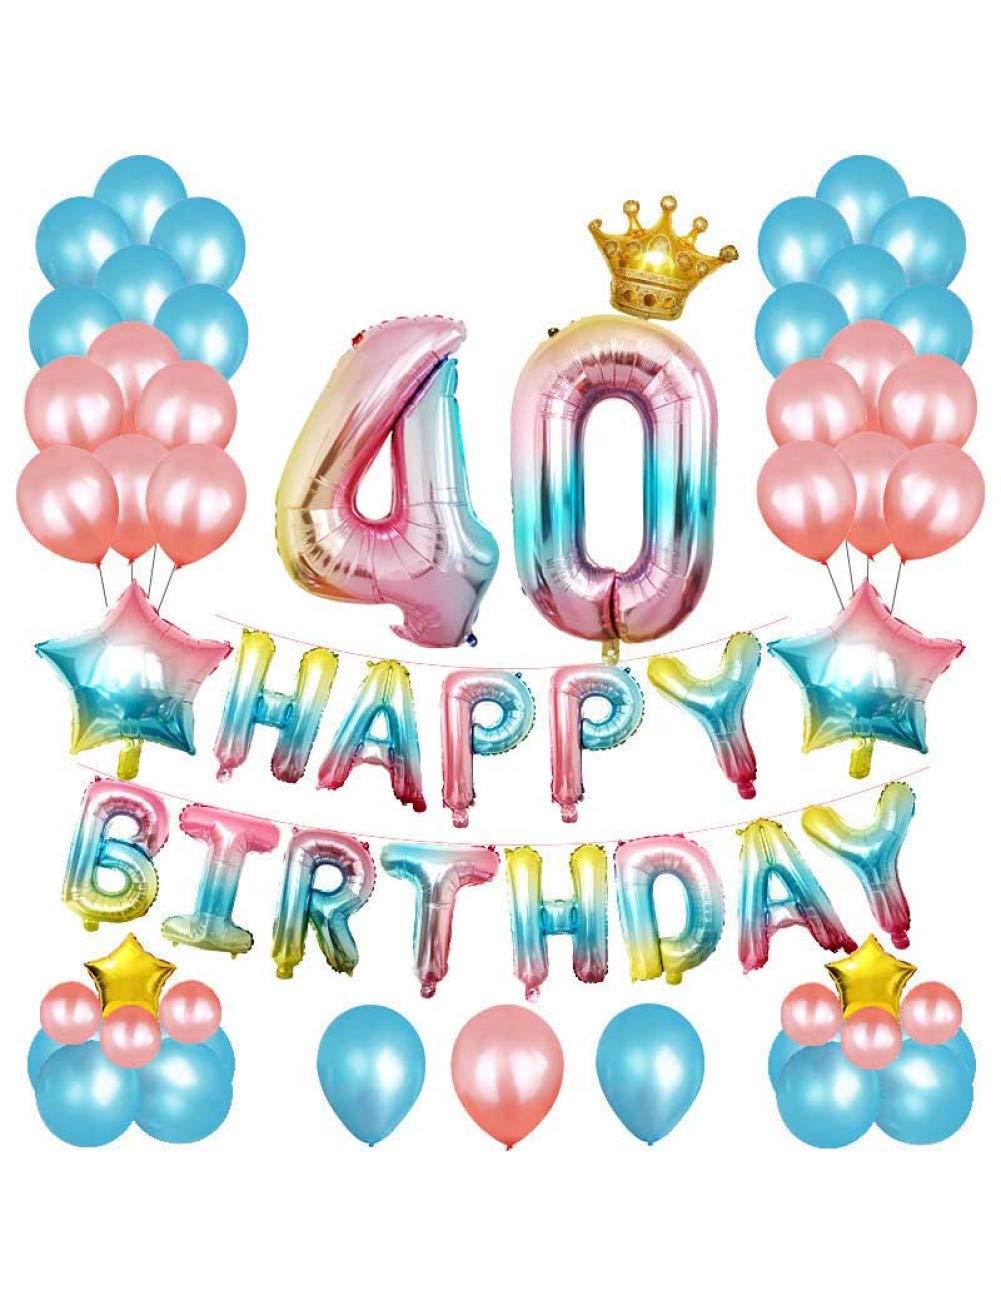 GYFC 18 20 30 40 50 Años Fiesta De Cumpleaños Globo ...